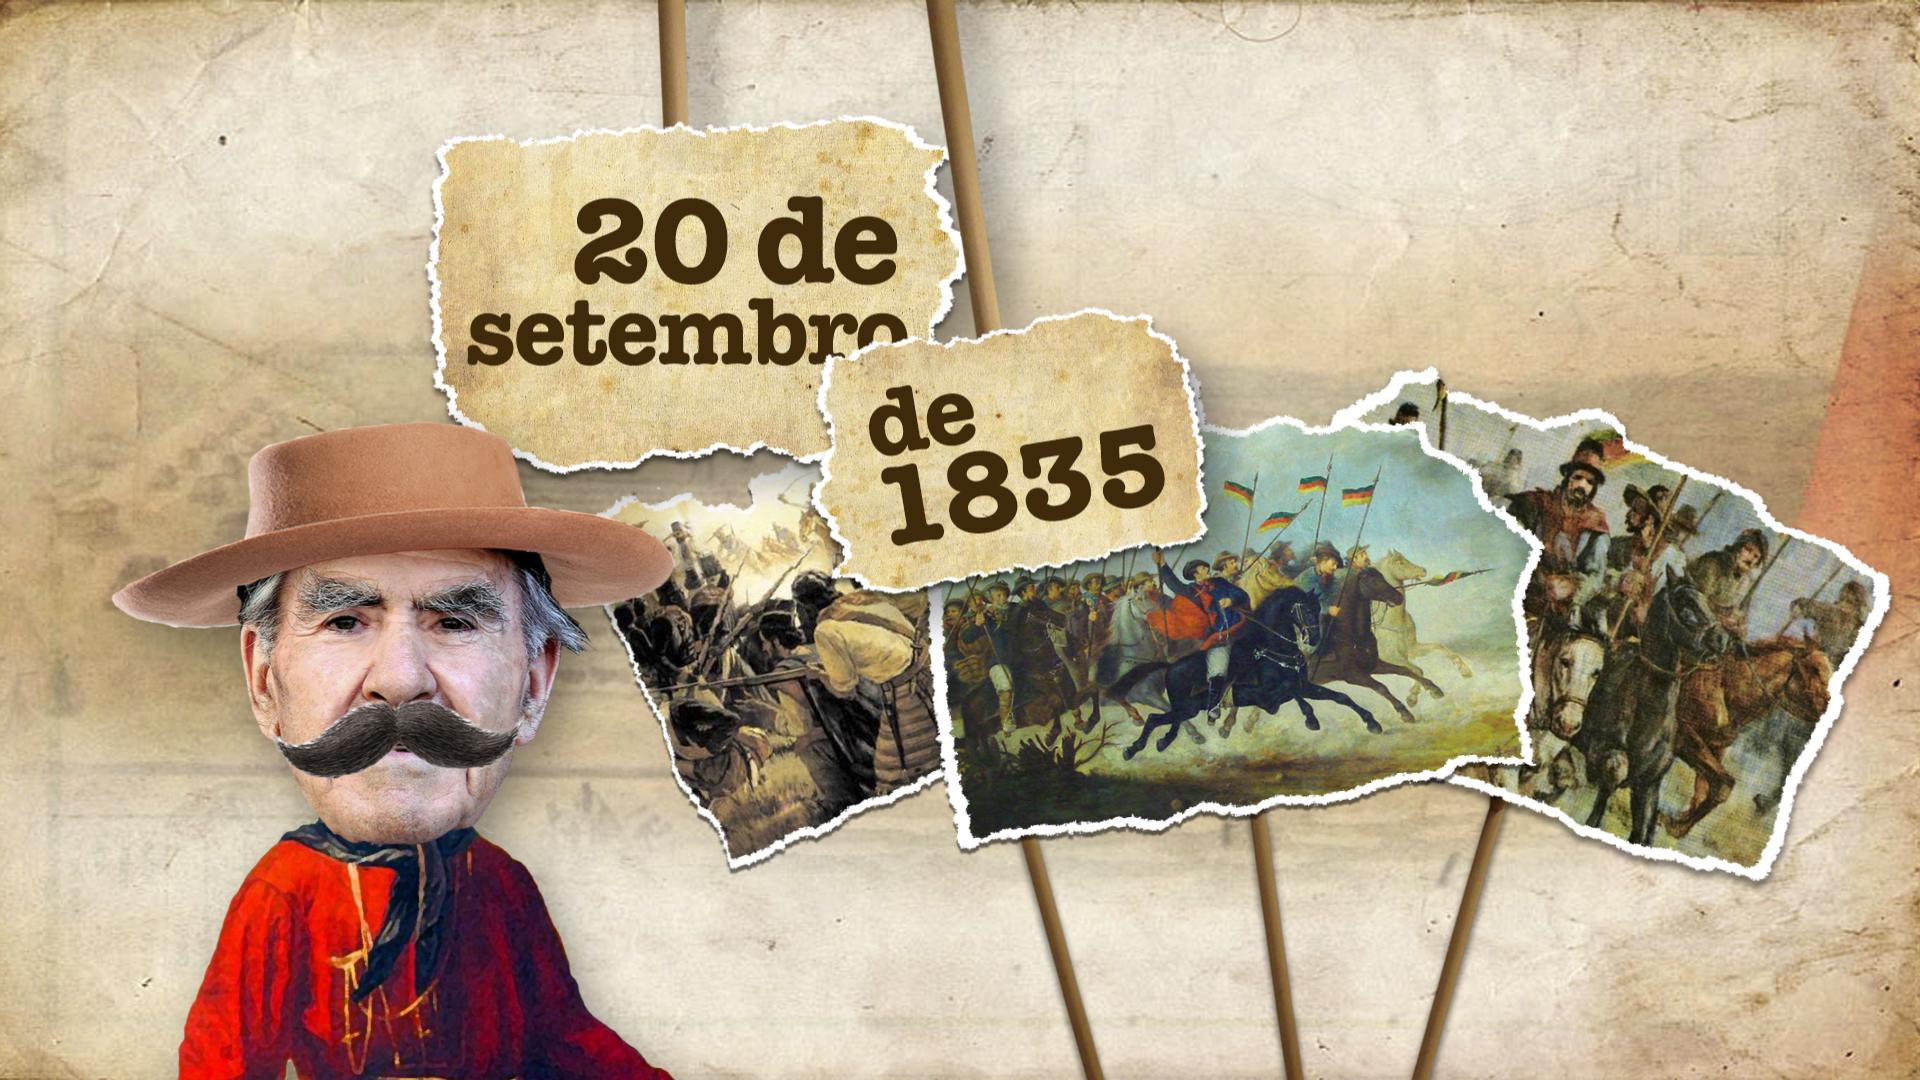 #LaCuia: quem ganhou a Guerra dos Farrapos